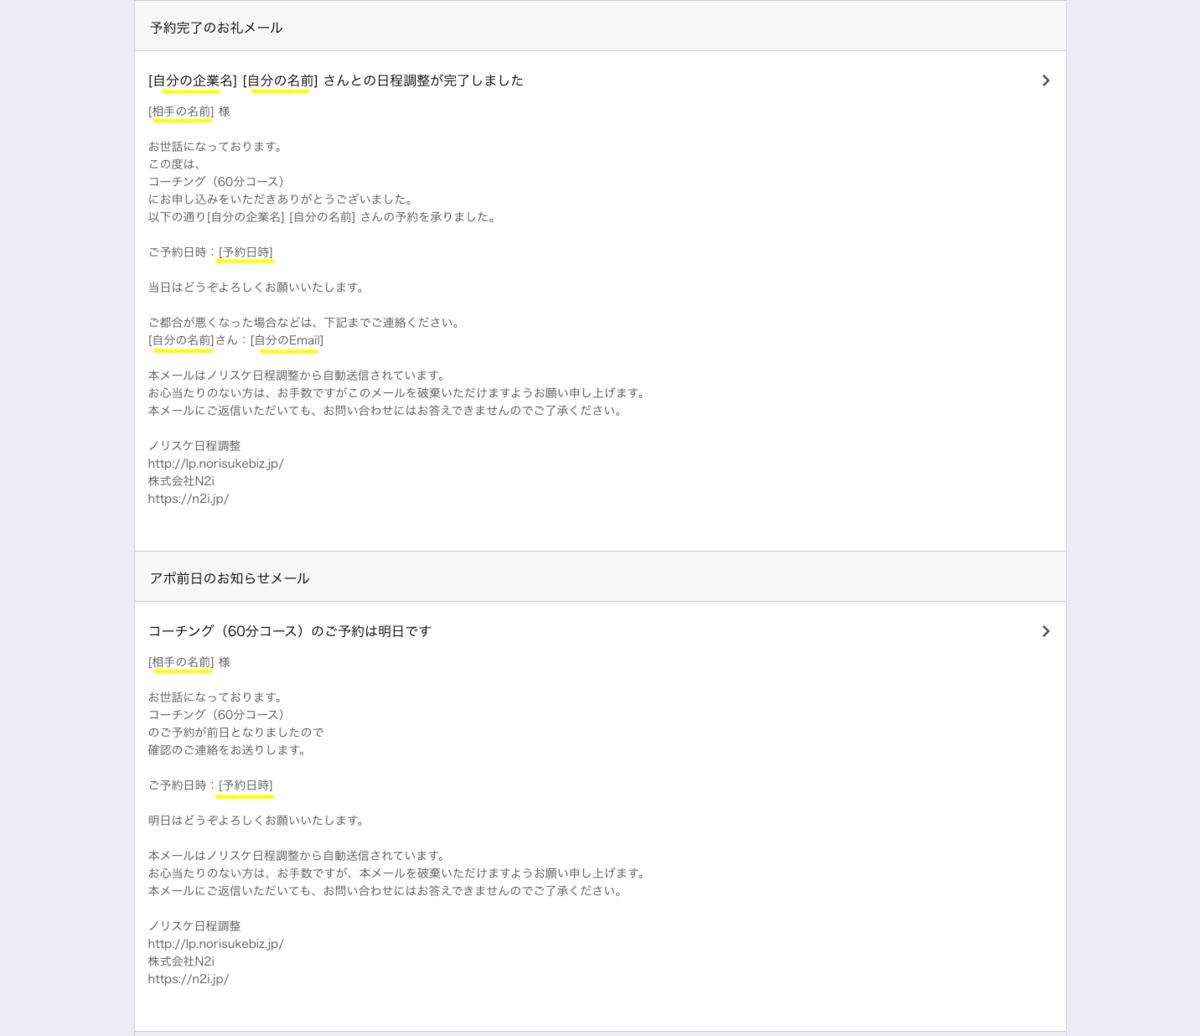 f:id:web-marke:20210421152847p:plain